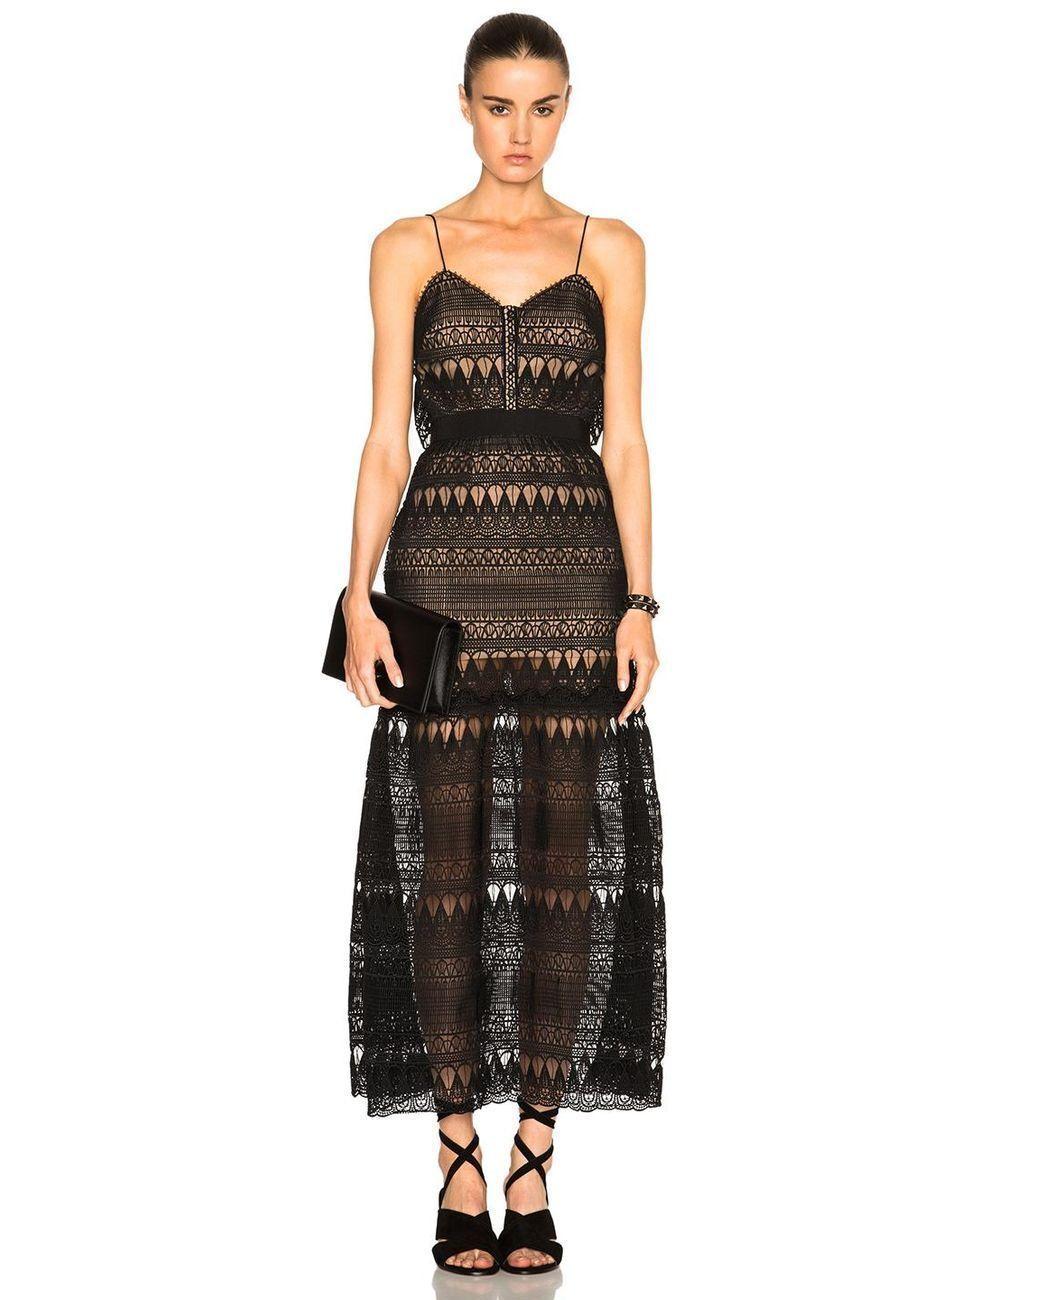 SELF PORTRAIT Full Teardrop Guipure Patterned Dress Size RRP